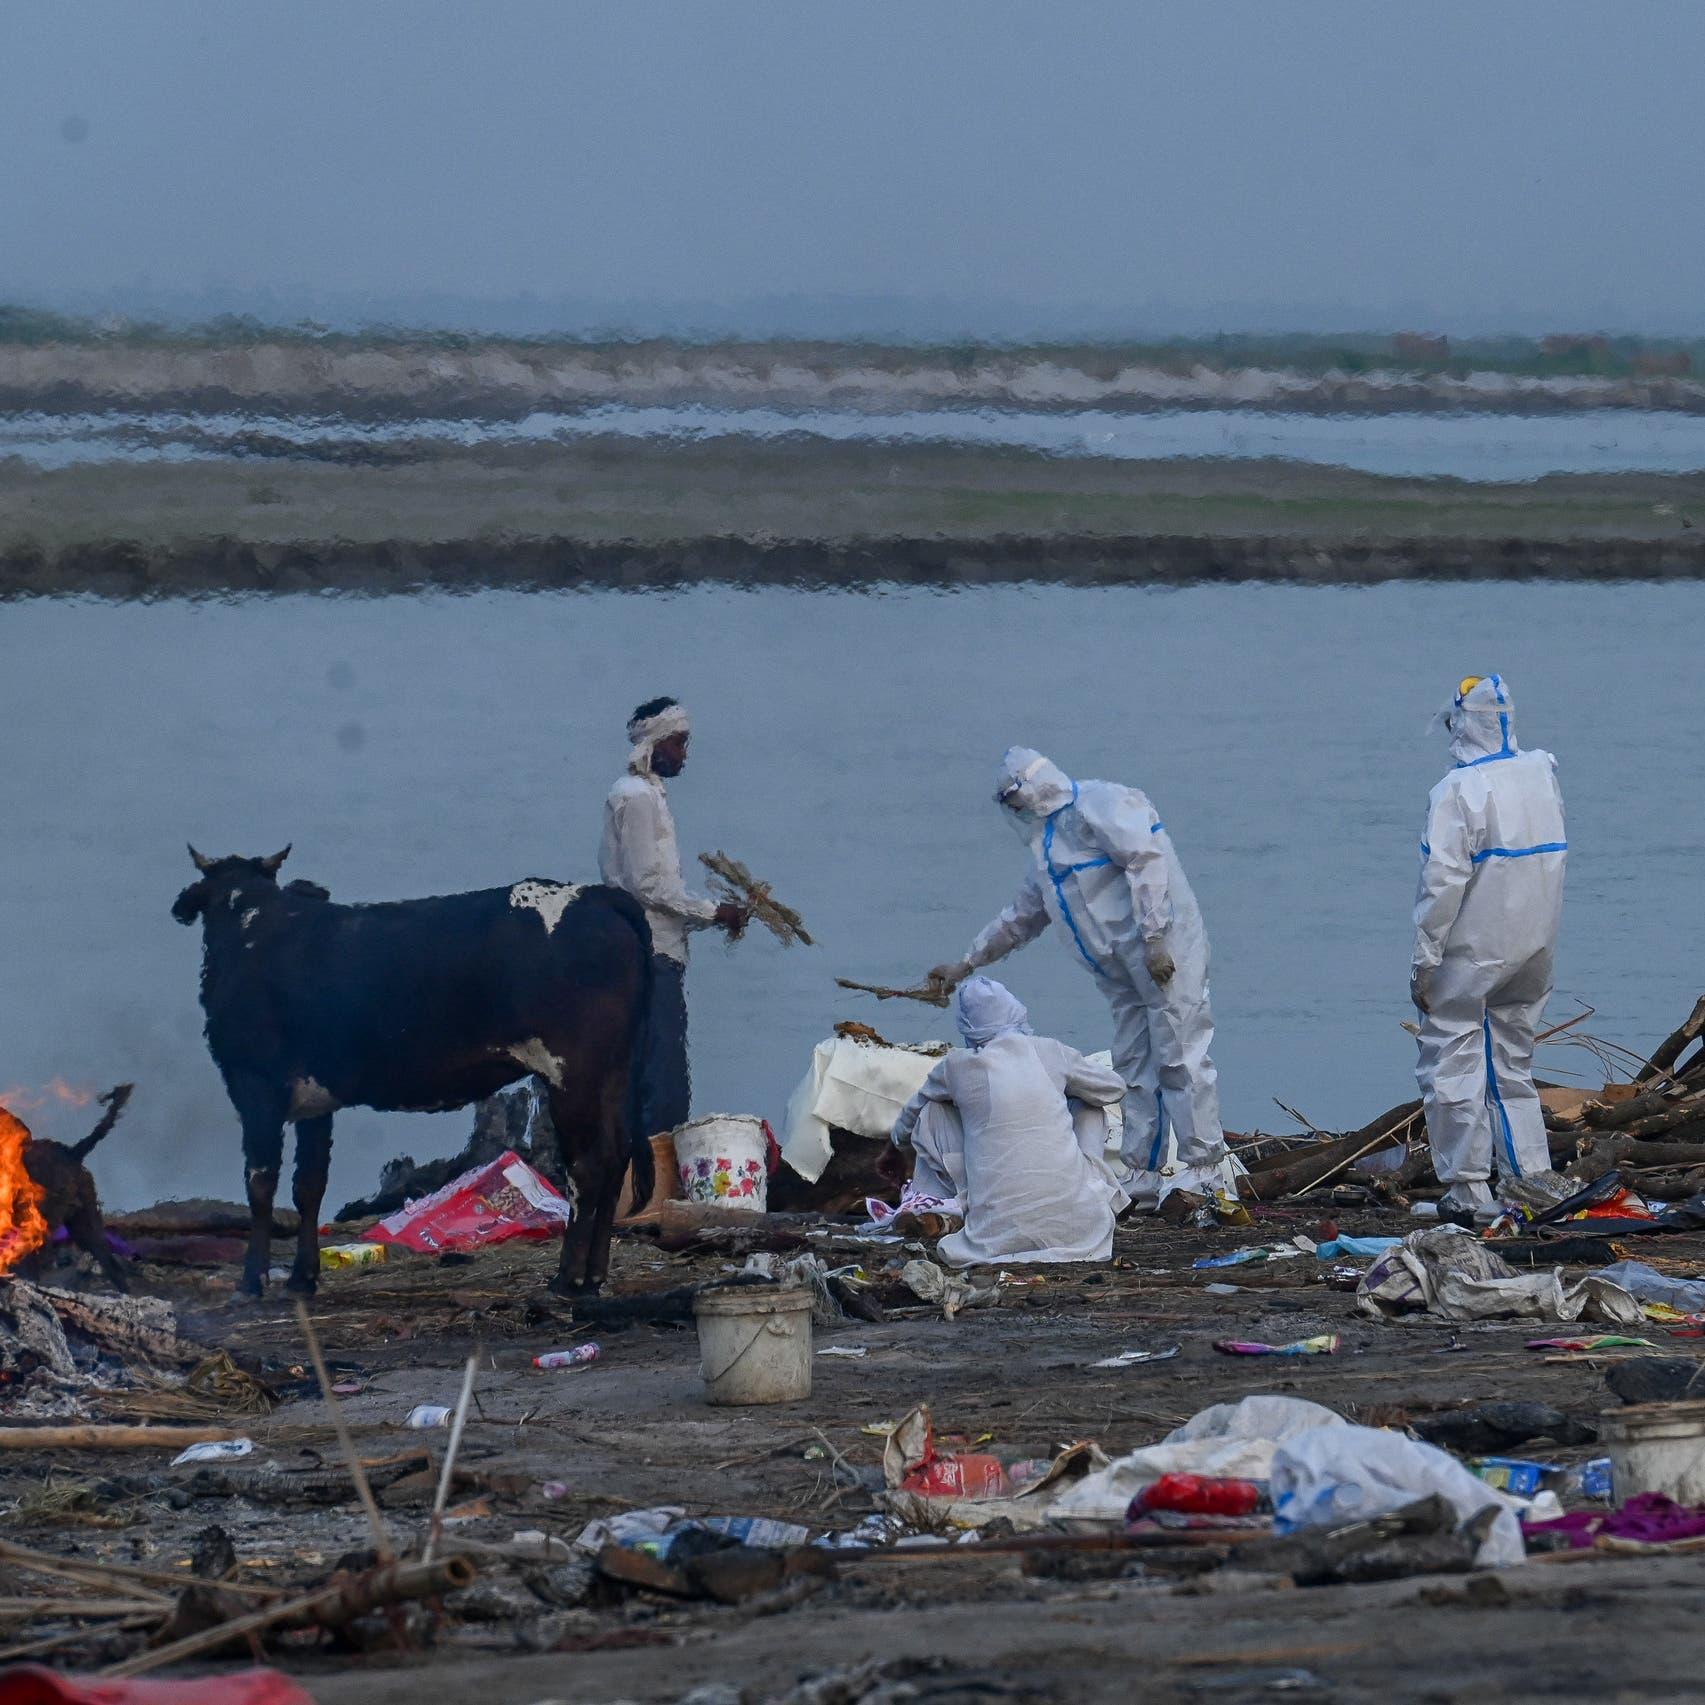 صور.. جثث عائمة لوفيات كورونا بنهر في الهند